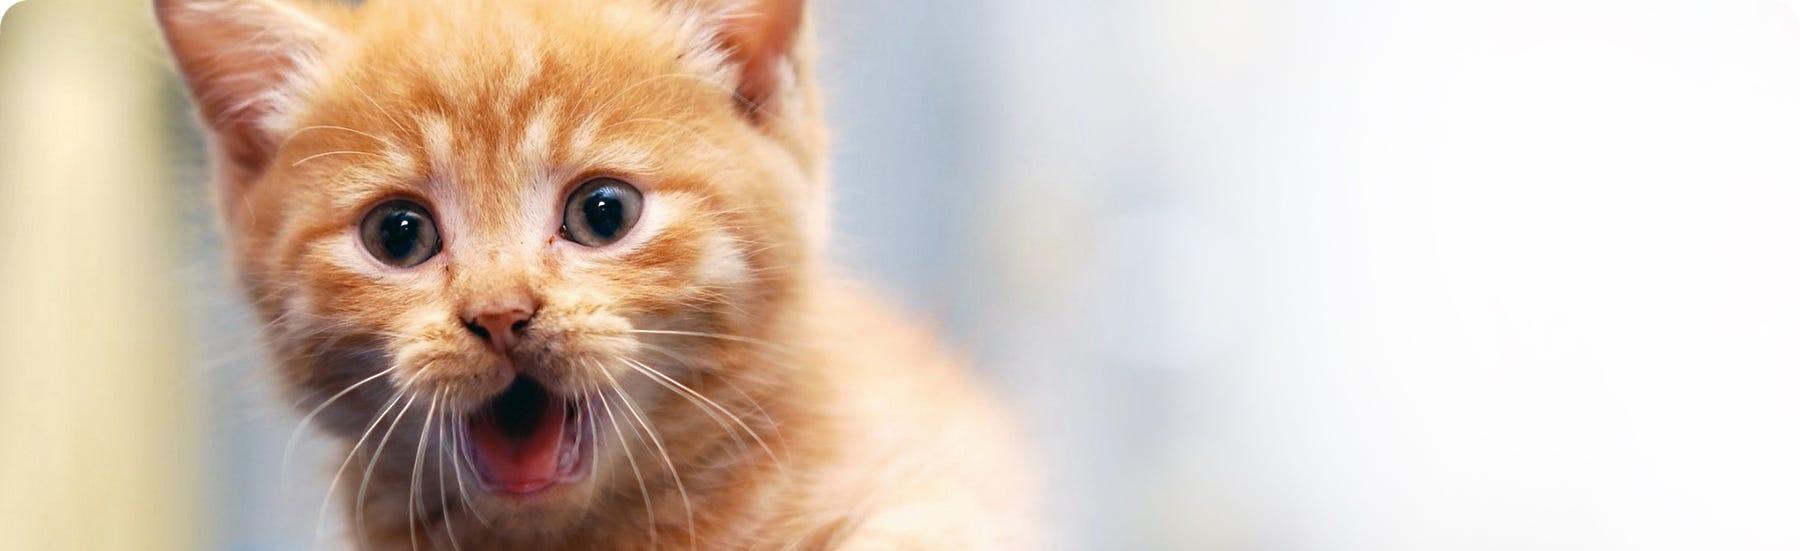 Cat eyes, ears and teeth